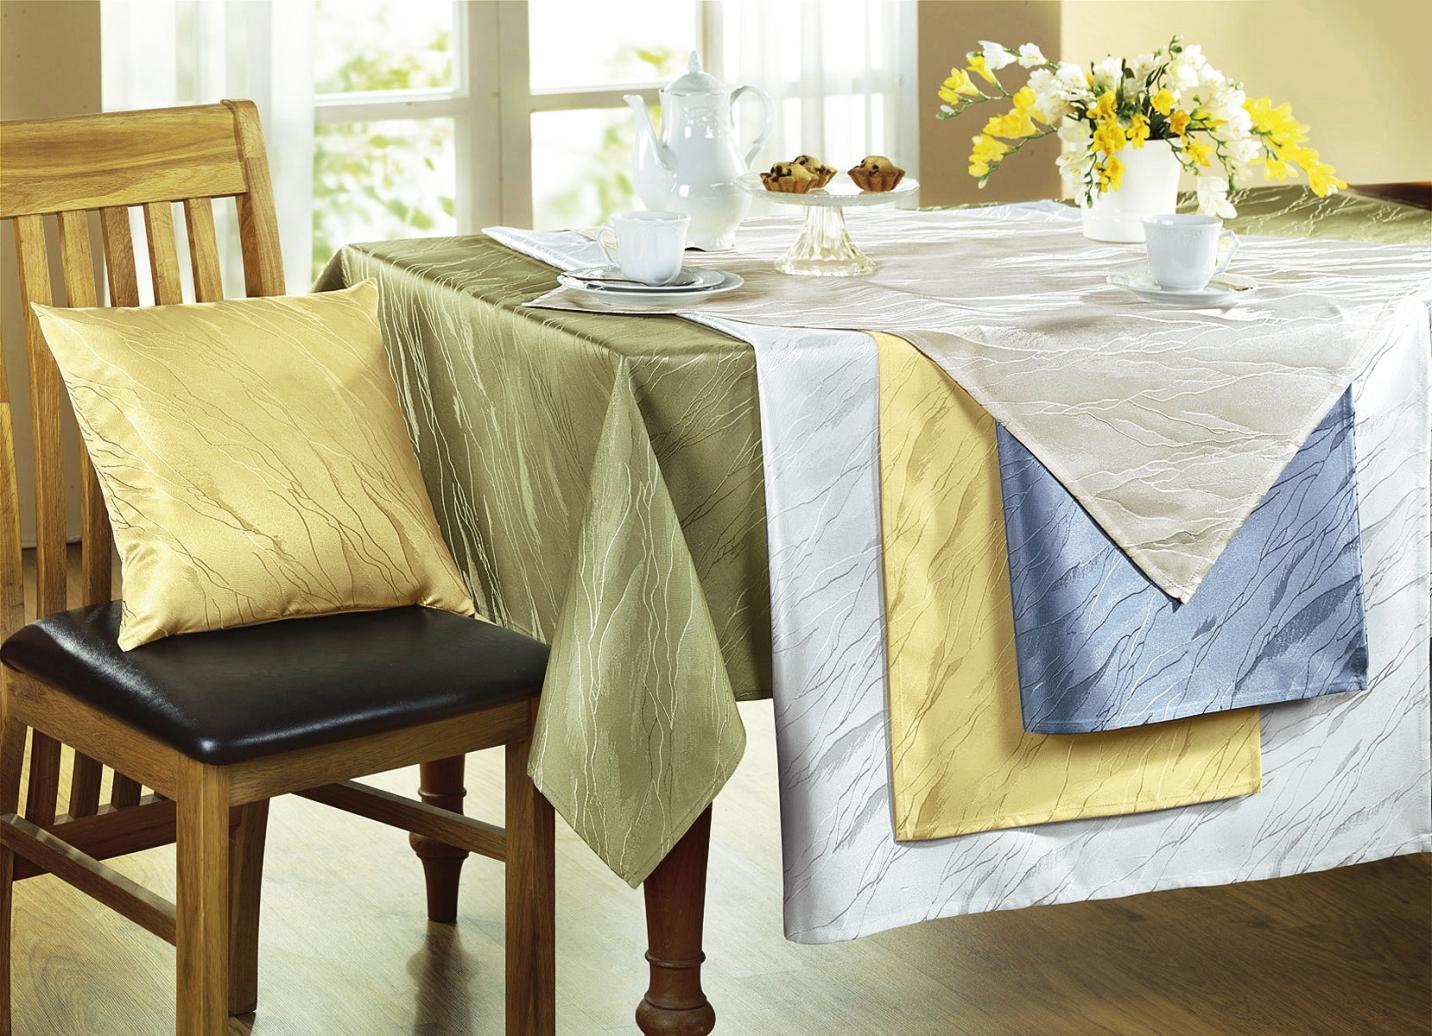 Tischdekoration in verschiedenen Farben, Größe 101 (Läufer, 40x/90 cm), Weiss